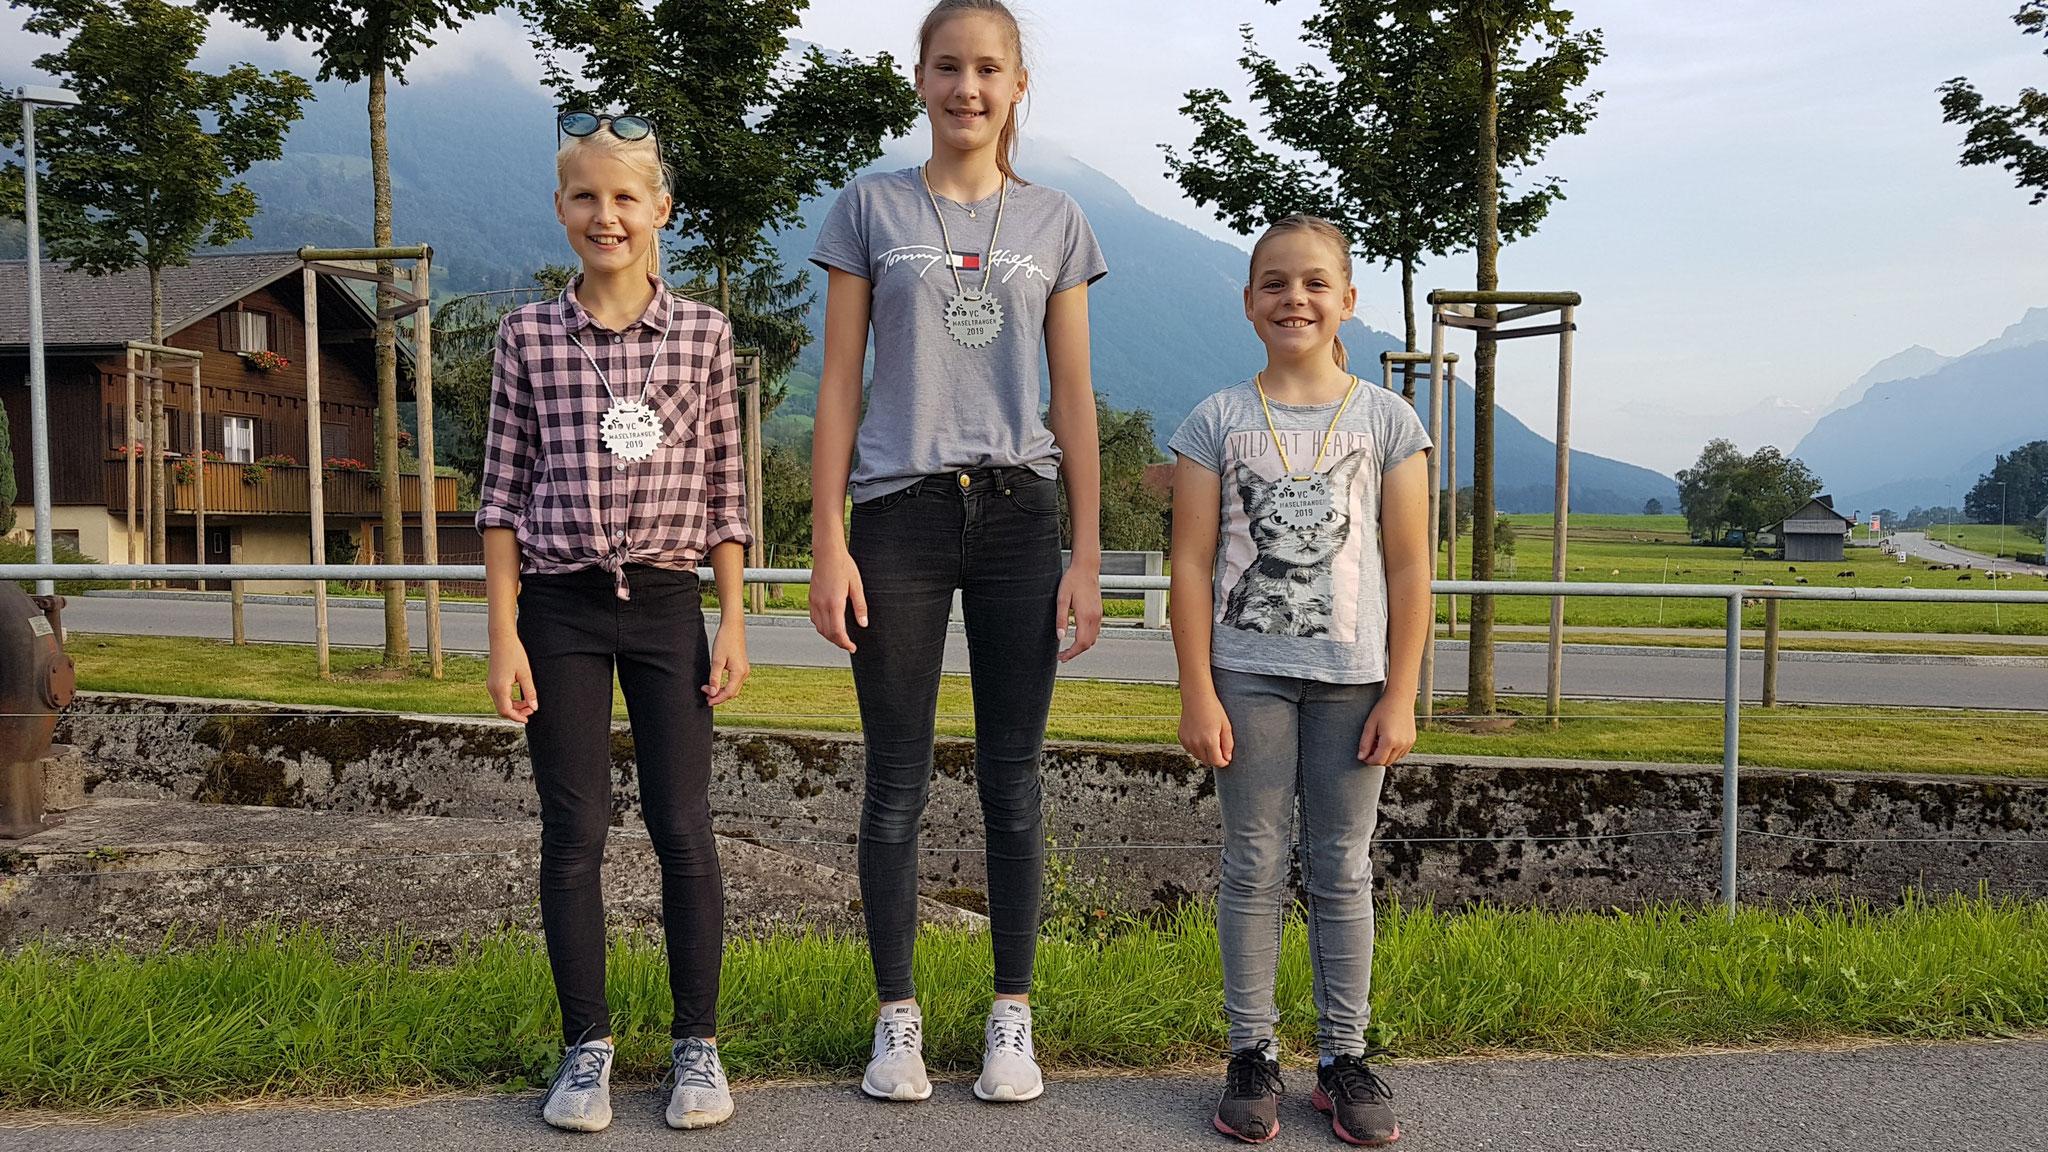 NACHWUCHS MÄDCHEN: 1. Nina Kühne   2. Angelina Zahner   3. Jasmin Steiner